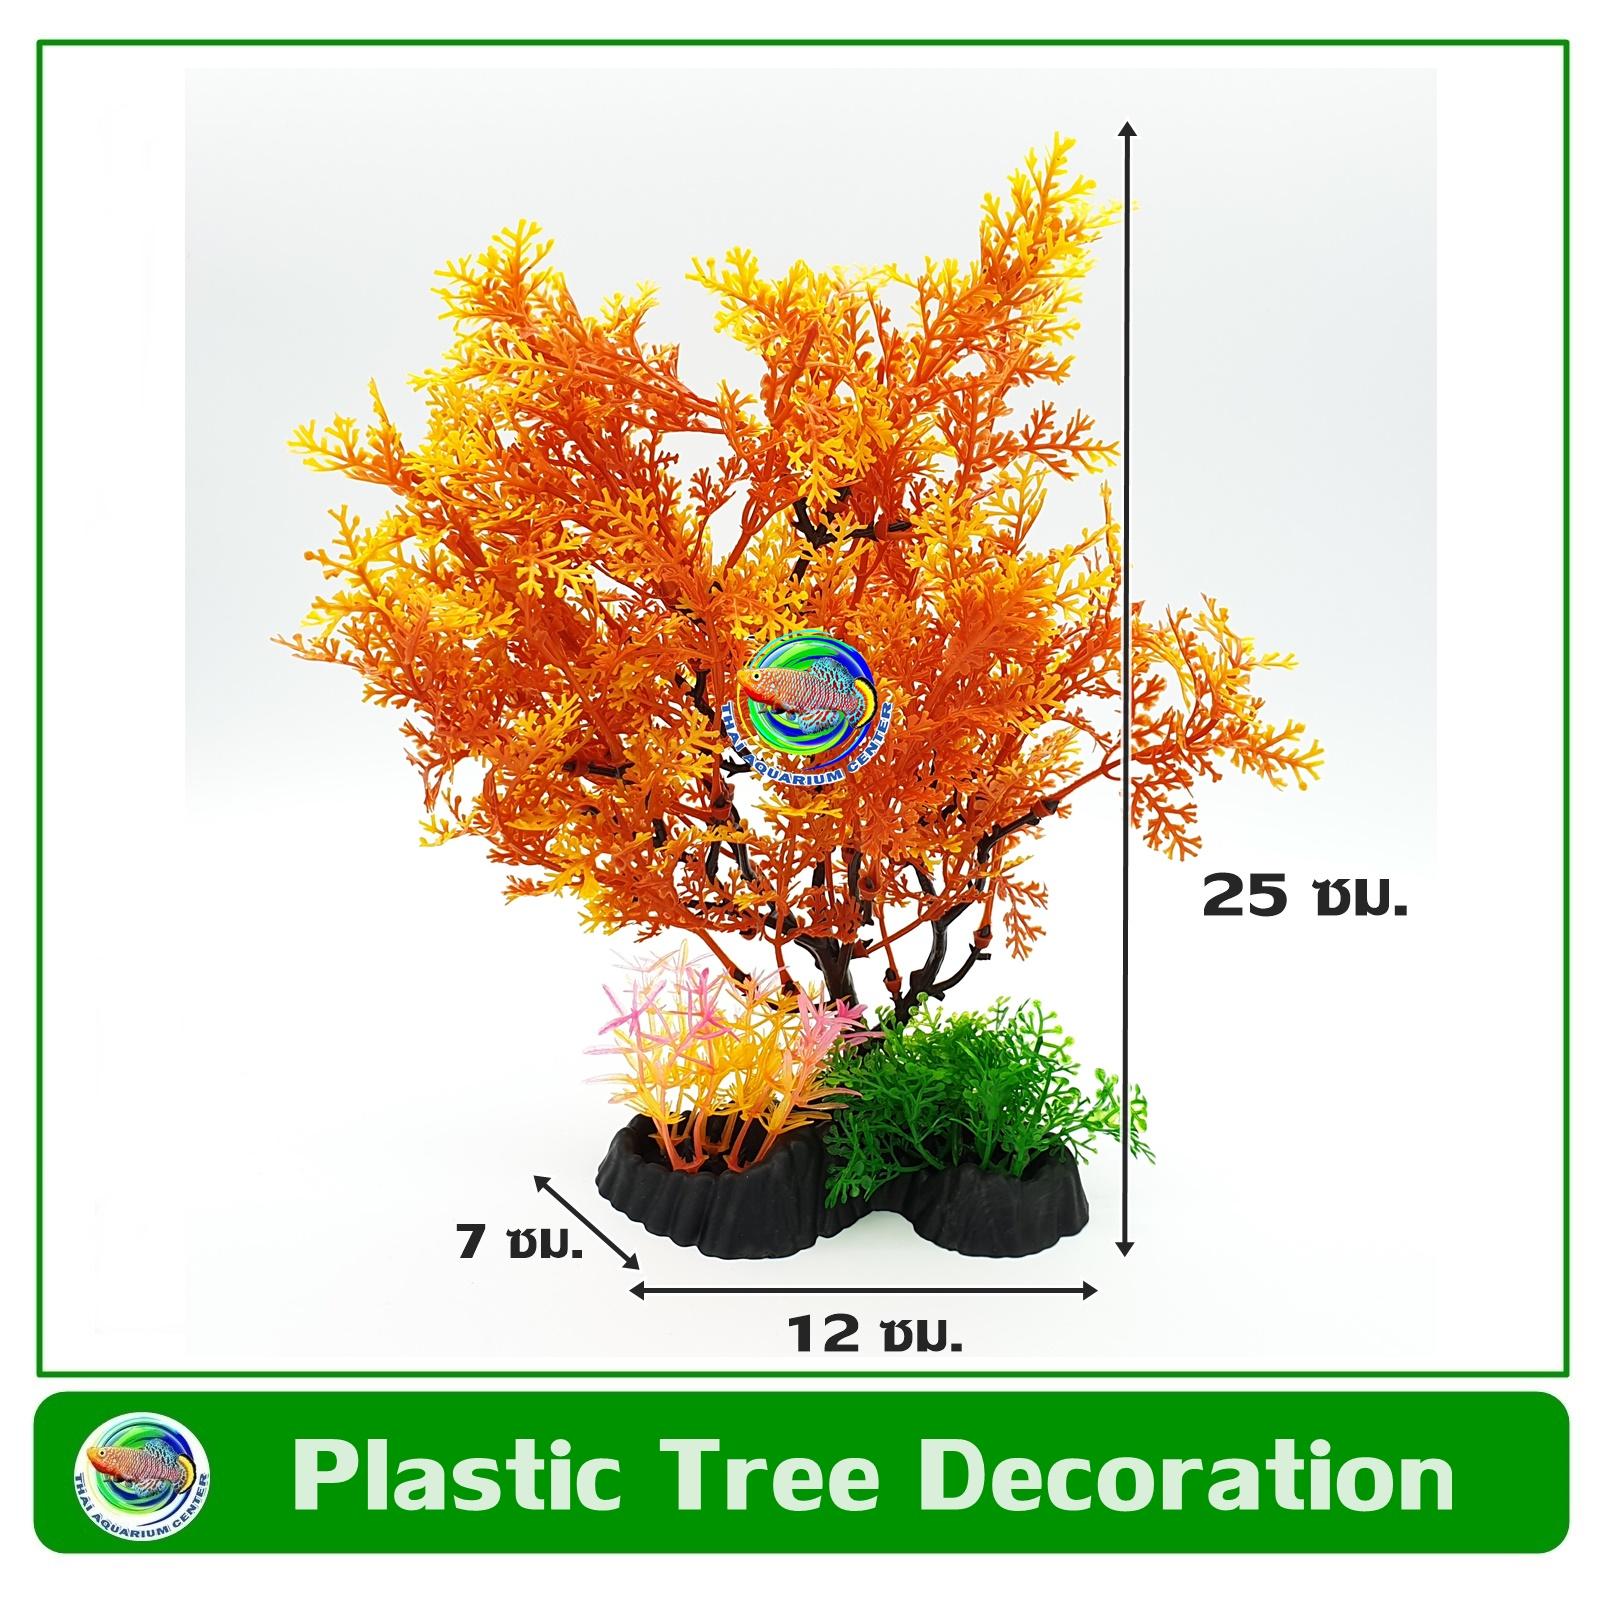 T037 ต้นไม้พลาสติก ใบสีส้มเข้ม ใบฝอย ใช้ตกแต่งตู้ปลา Dark Orange Leaf Tree